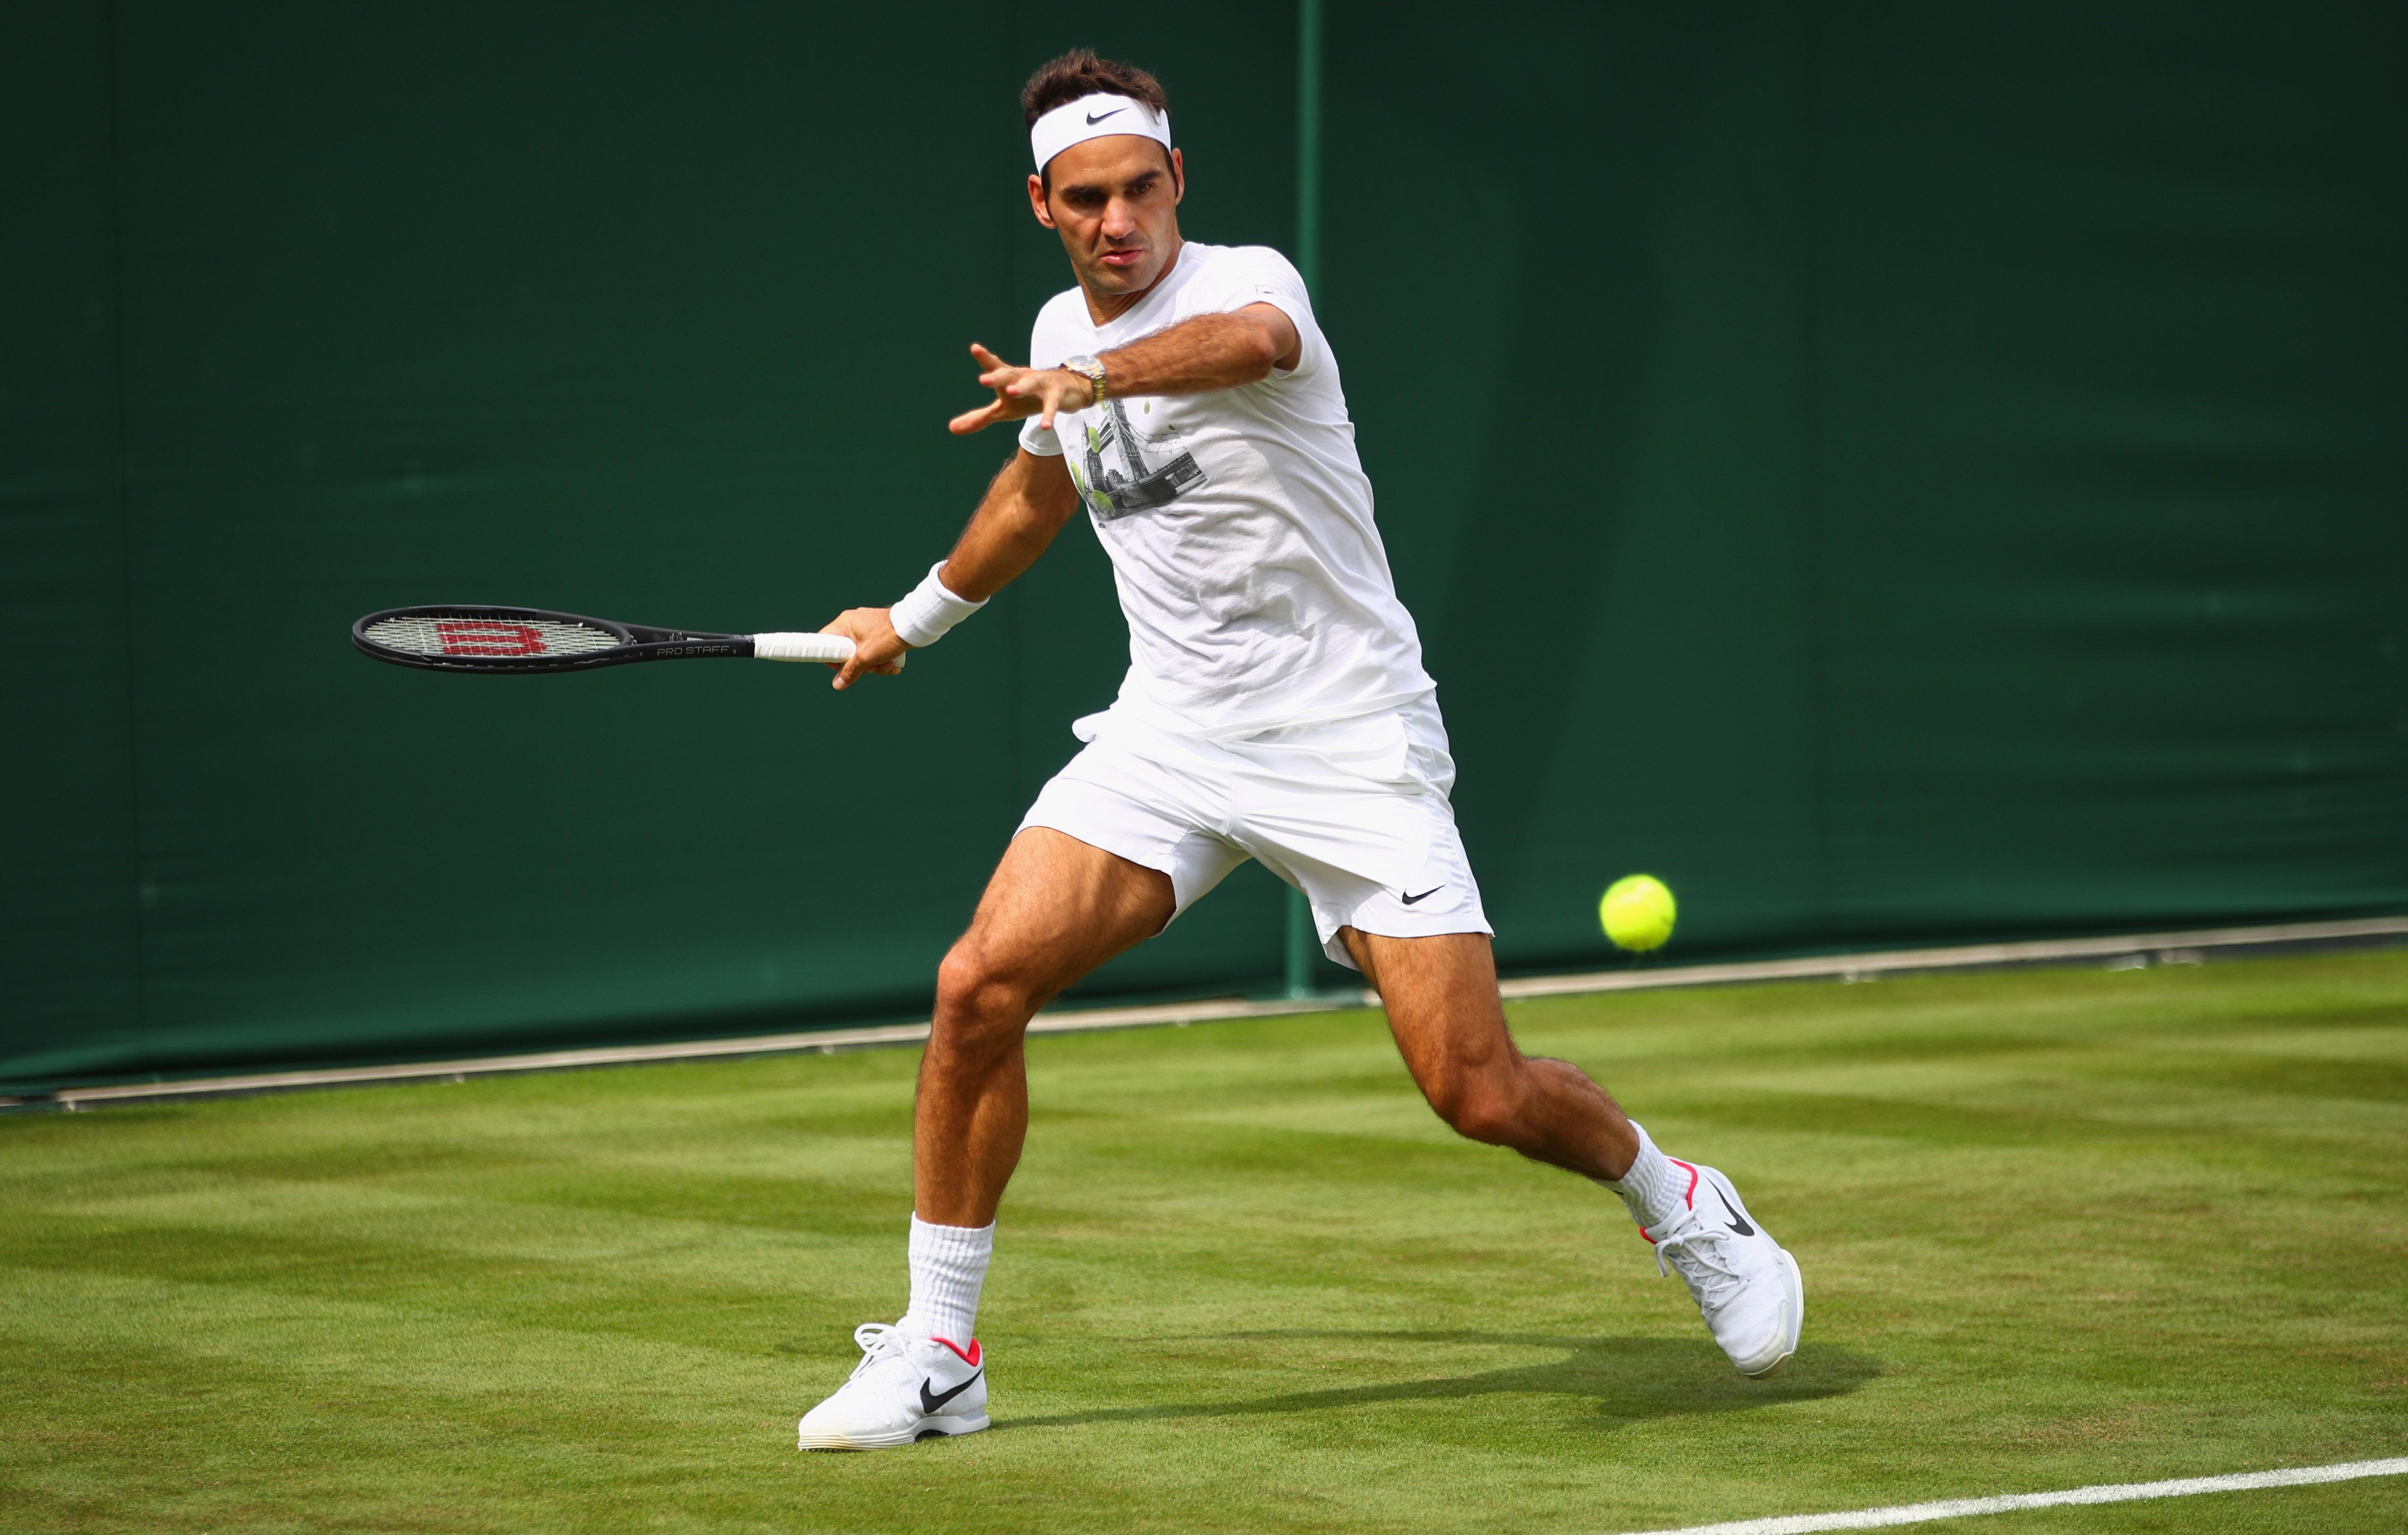 Roger Federer möchte sich in diesem Jahr in Wimbledon zum alleinigen Rekordtitelträger küren.